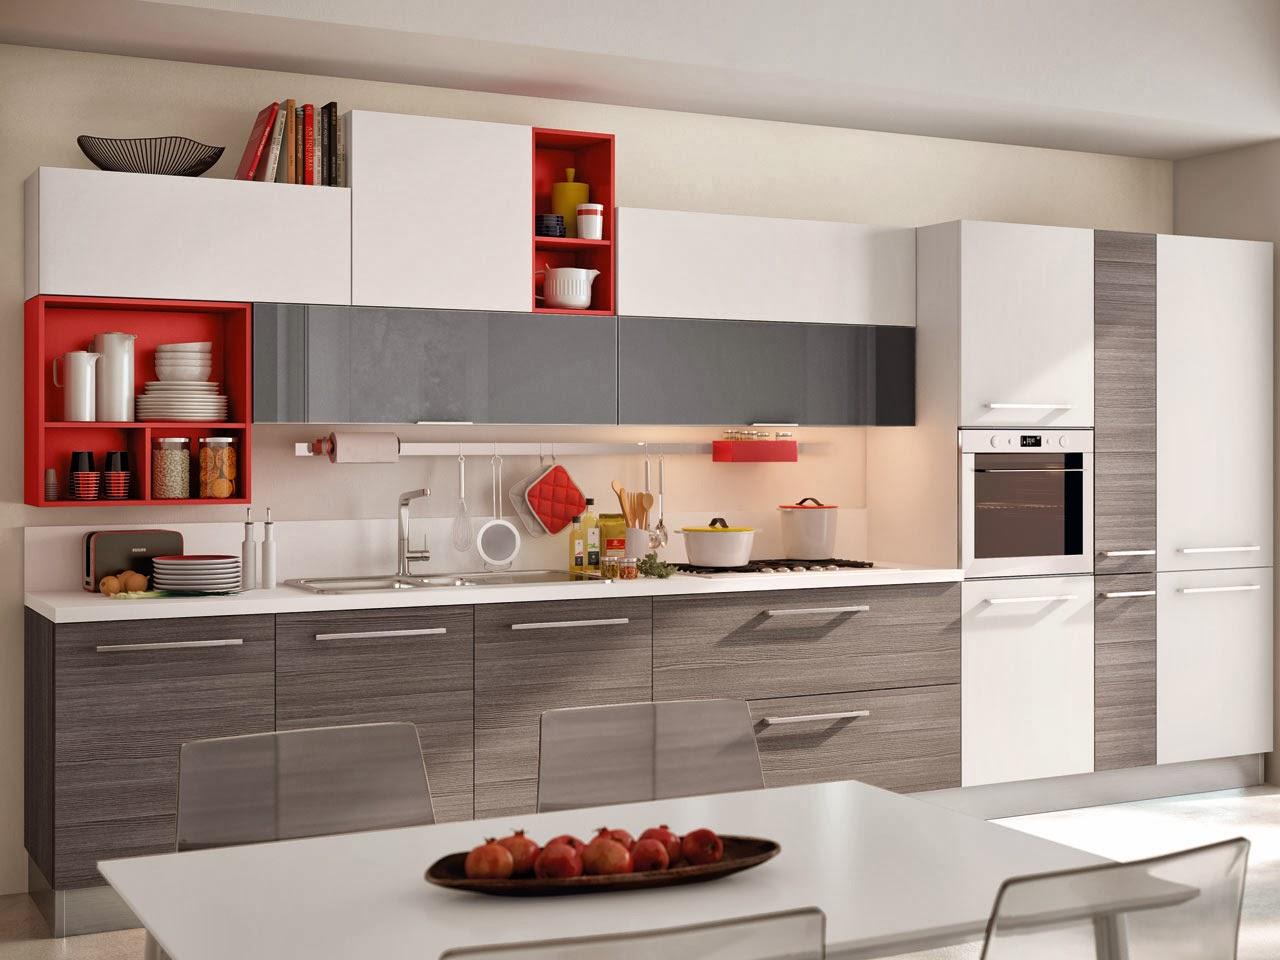 Soggiorno E Cucina Insieme: Cucina Open Space (foto 4/40) Tempo Libero  #A32F28 1280 960 Arredamento Cucina Soggiorno Open Space